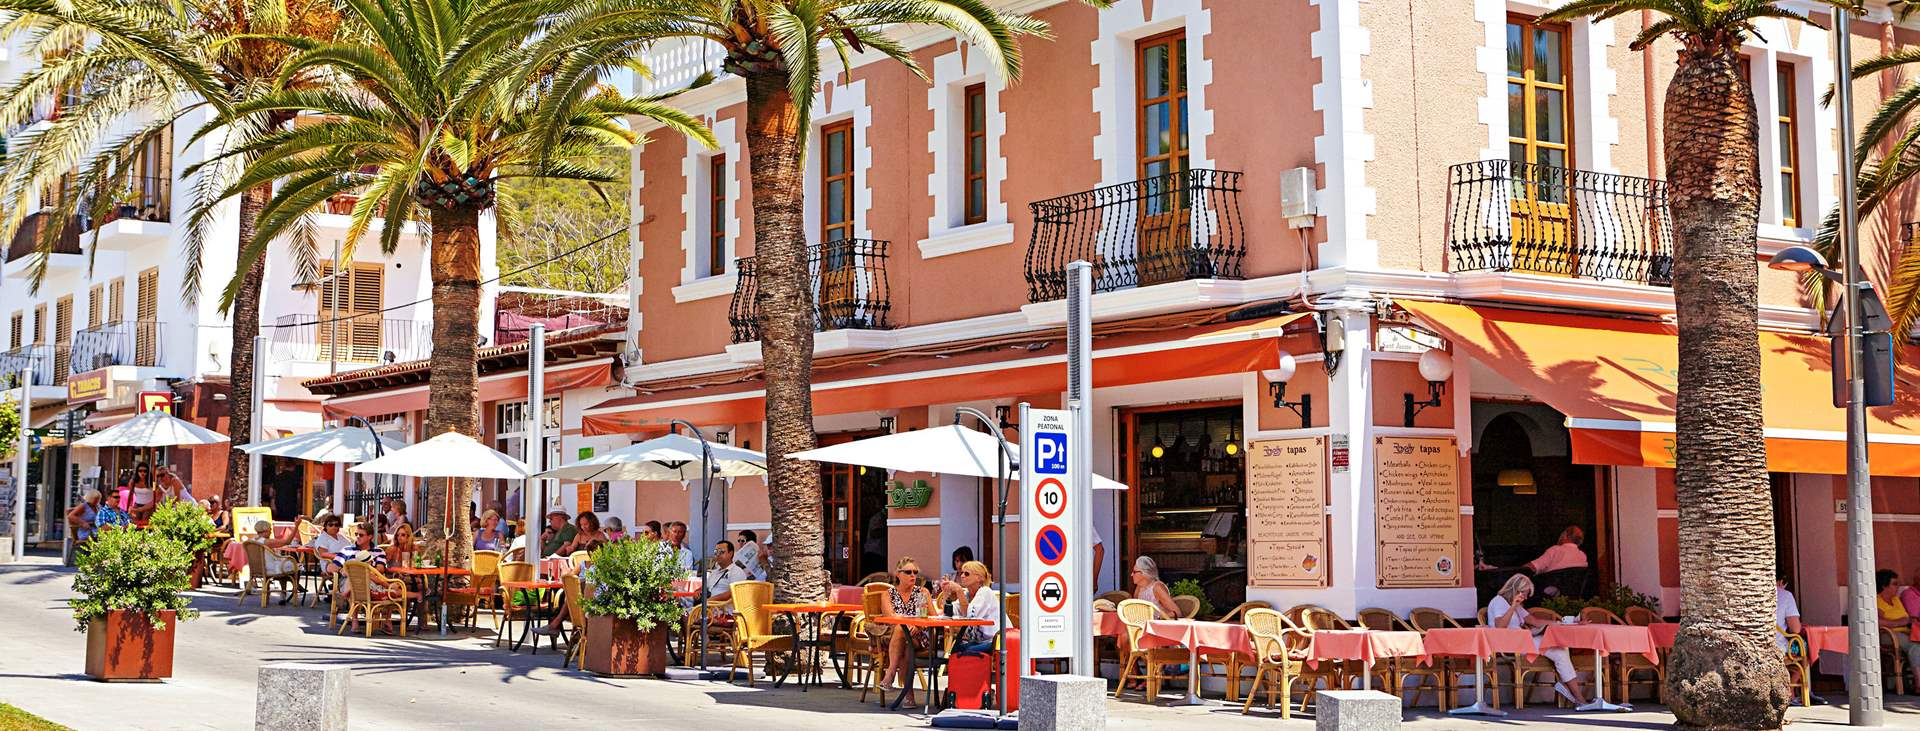 Bestill en reise med Ving til Santa Eulalia på Ibiza